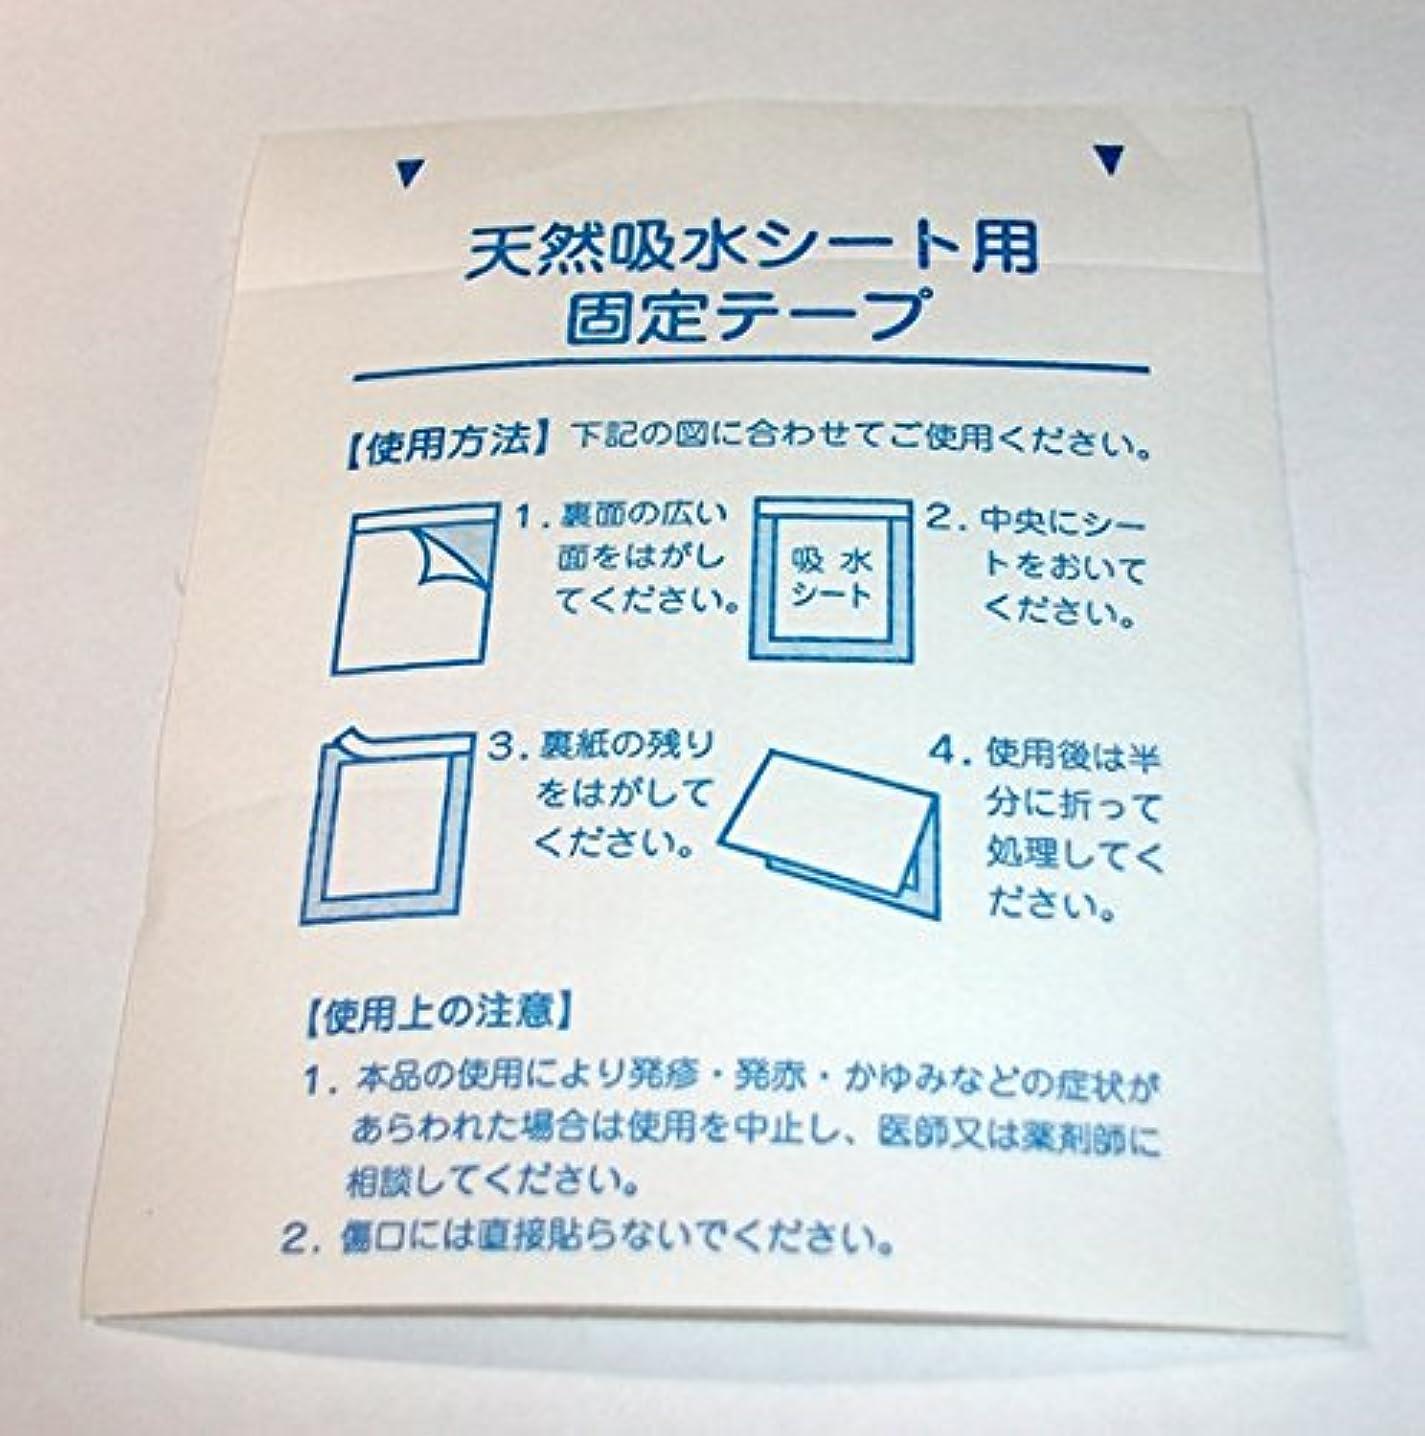 クッションプレフィックススラッシュ日本製 20枚 足裏固定シート 樹液固定シート